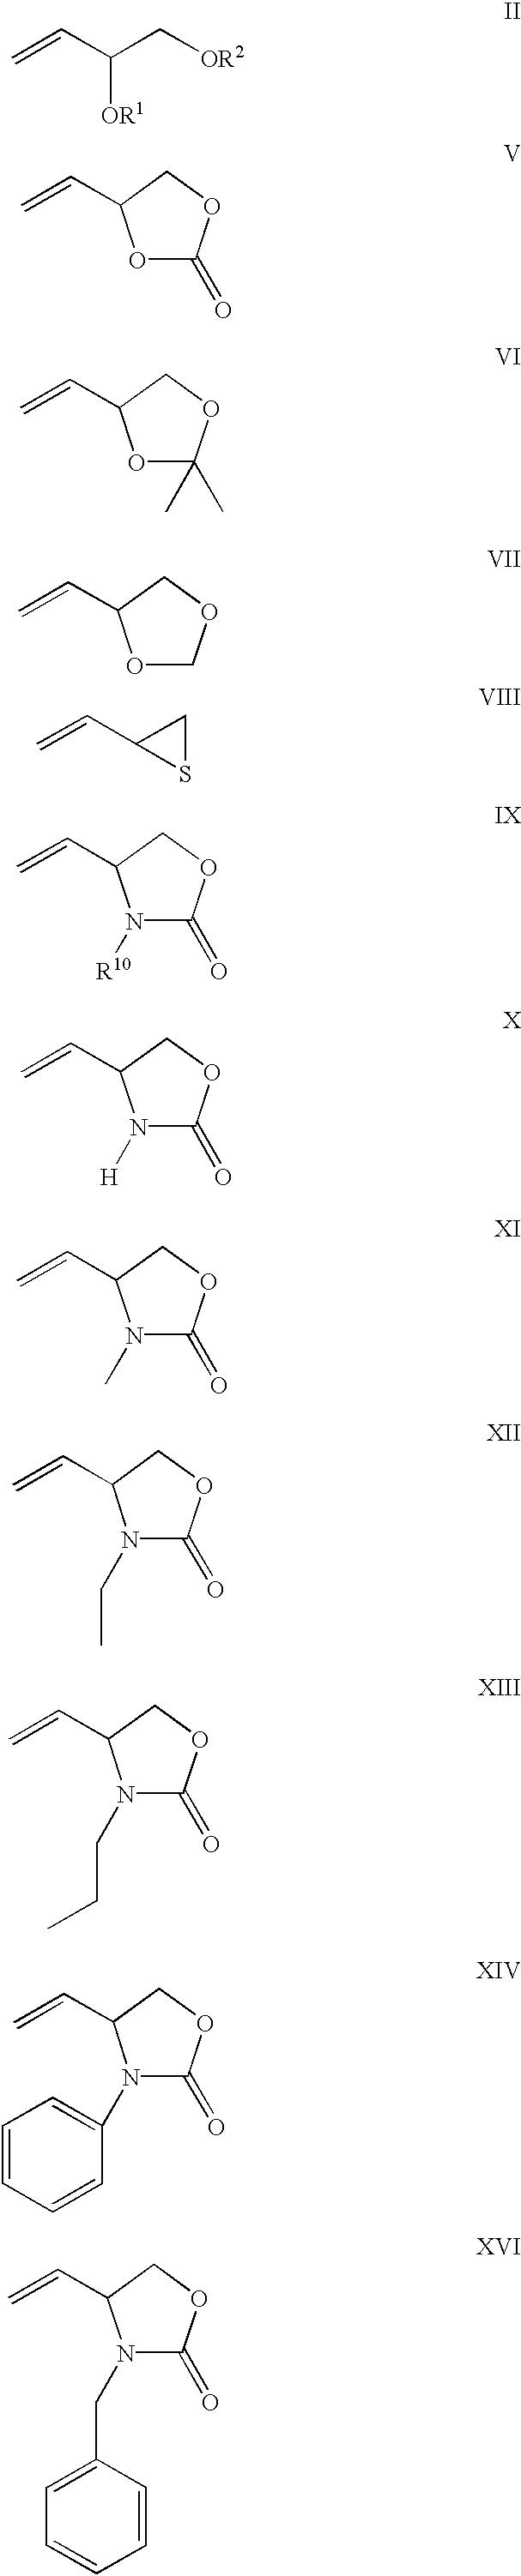 Figure US06608157-20030819-C00006